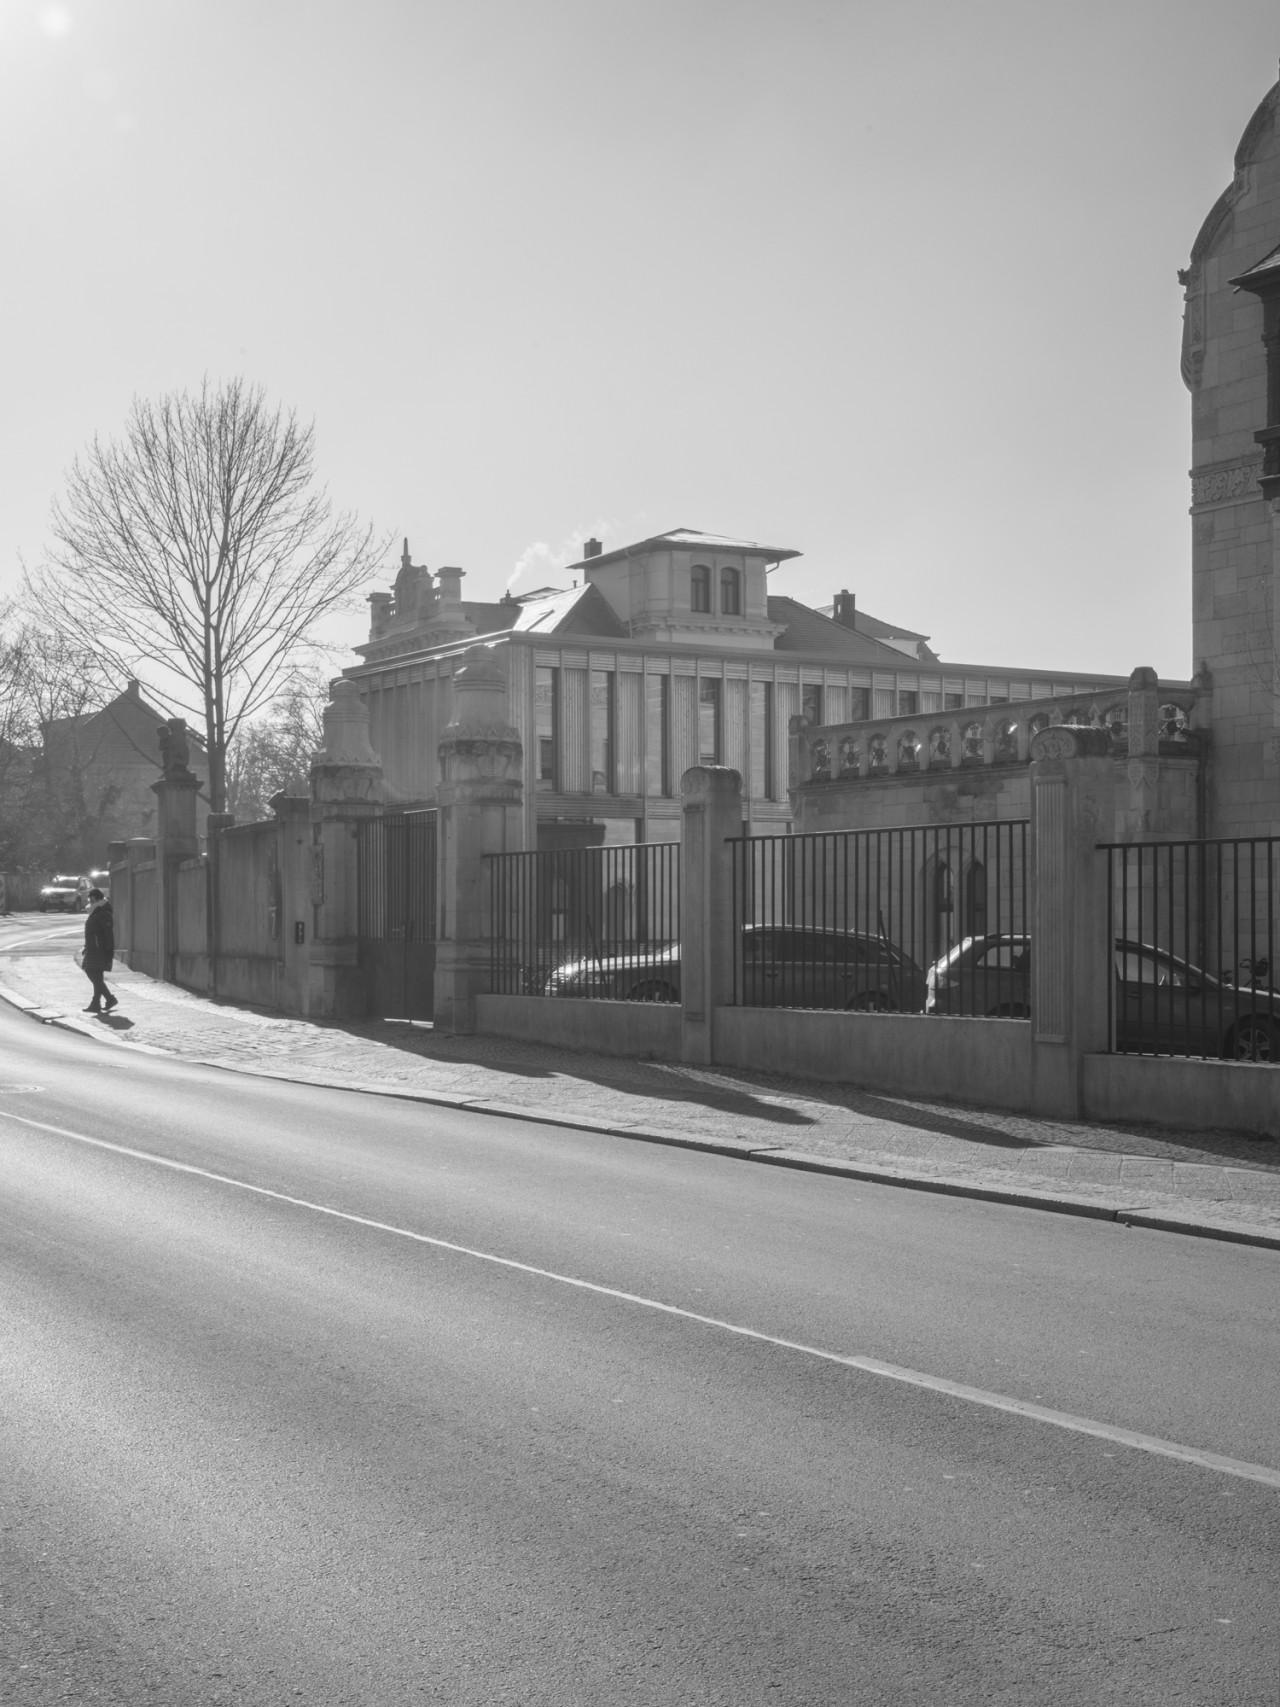 ocap-arch zila architekten mediathek burg giebichenstein